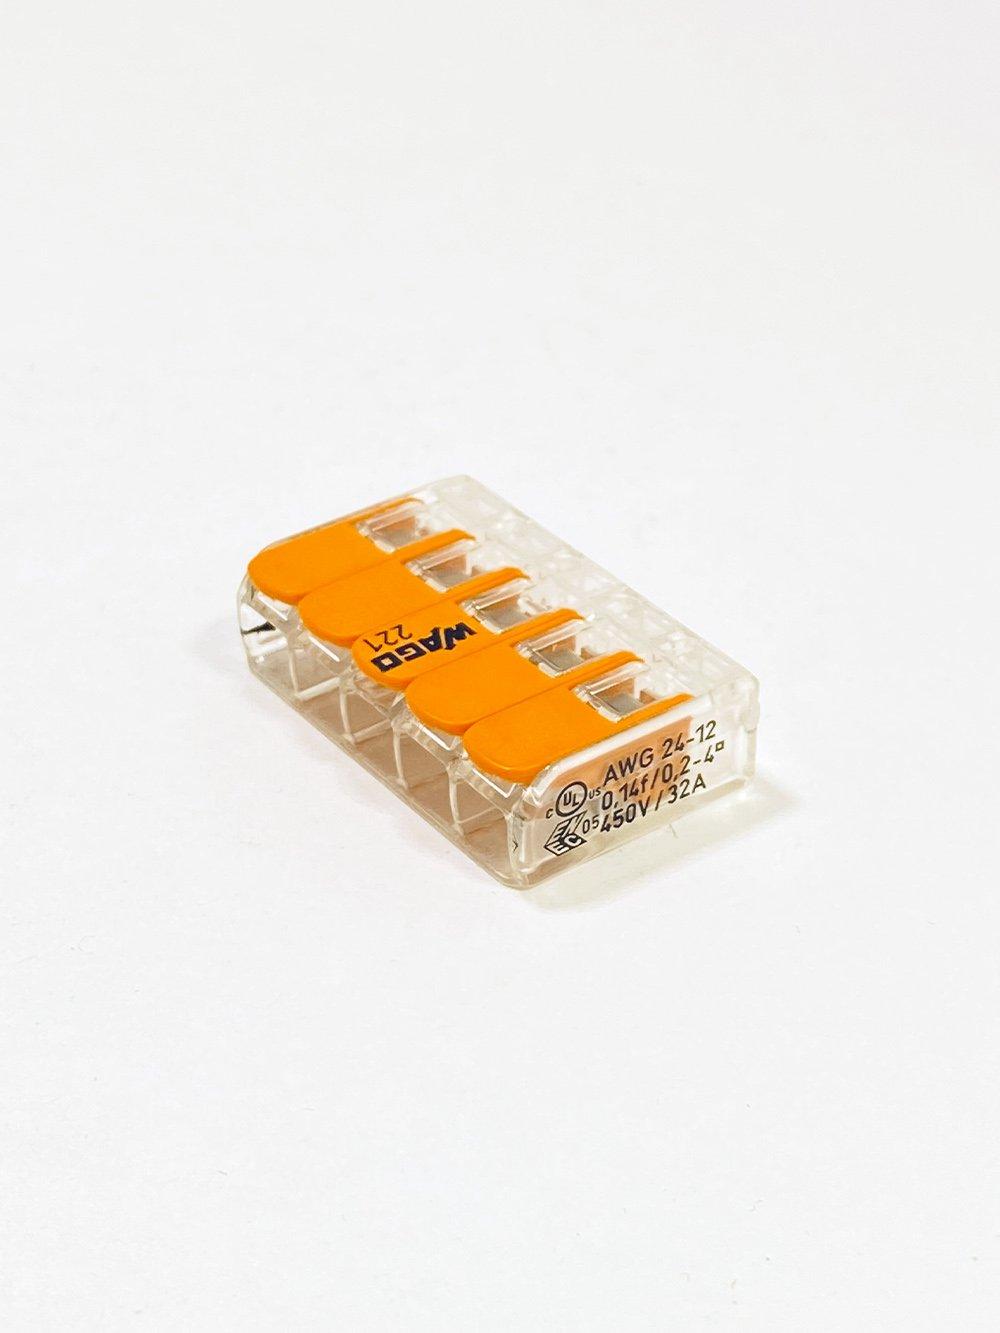 Клеммник WAGO 5-й (0.14-4.0мм) флажковый